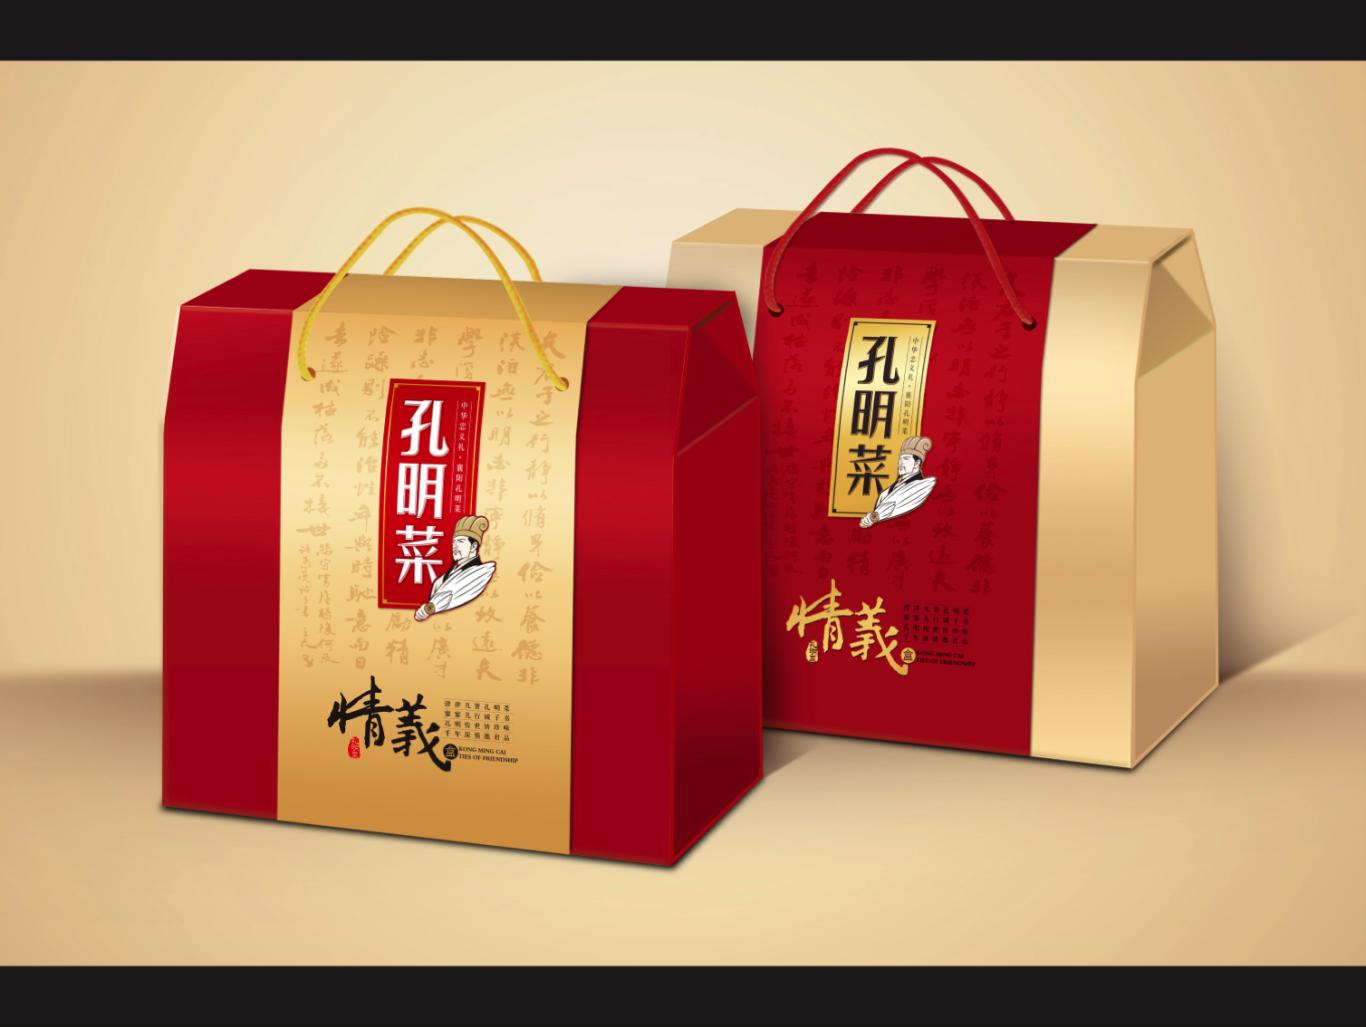 襄阳孔明菜系列产品包装设计图12